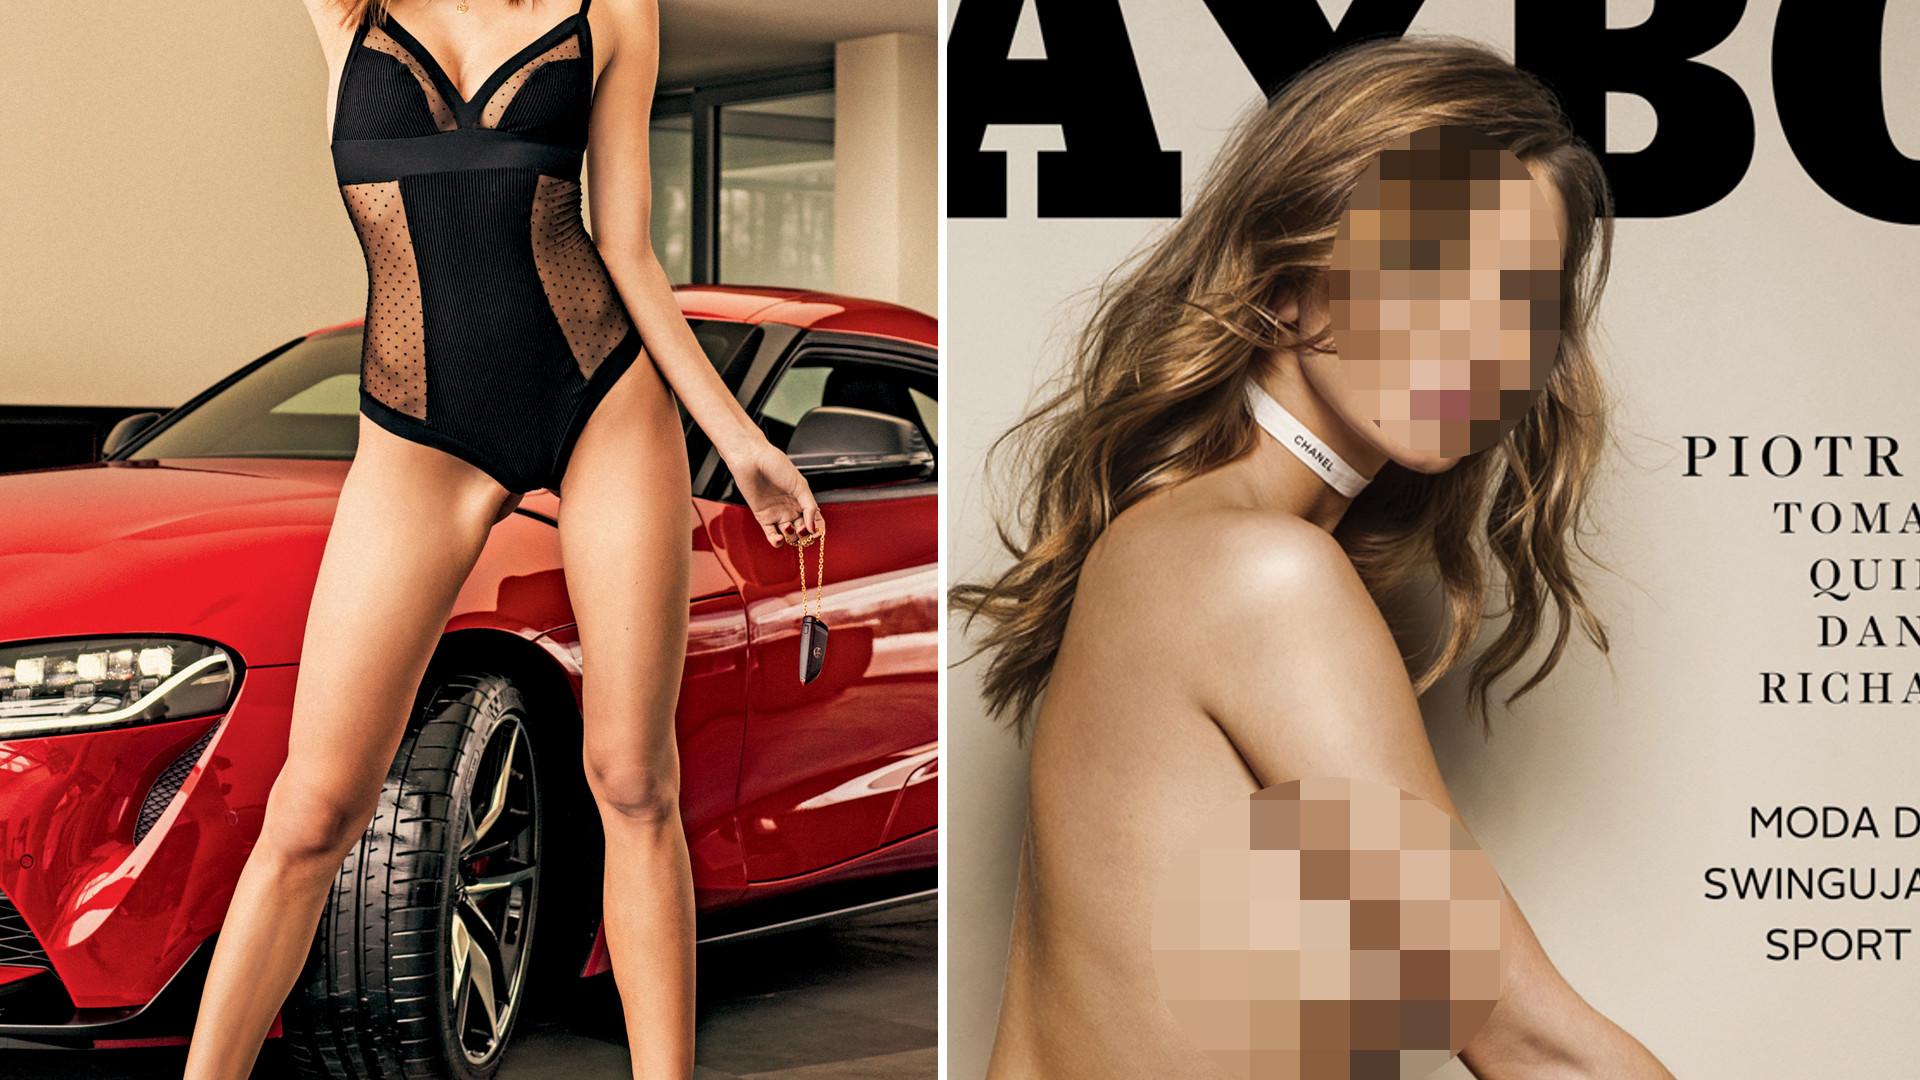 Ludwika Cichecka na okładce Playboya – ma szansę zostać nową celebrytką?